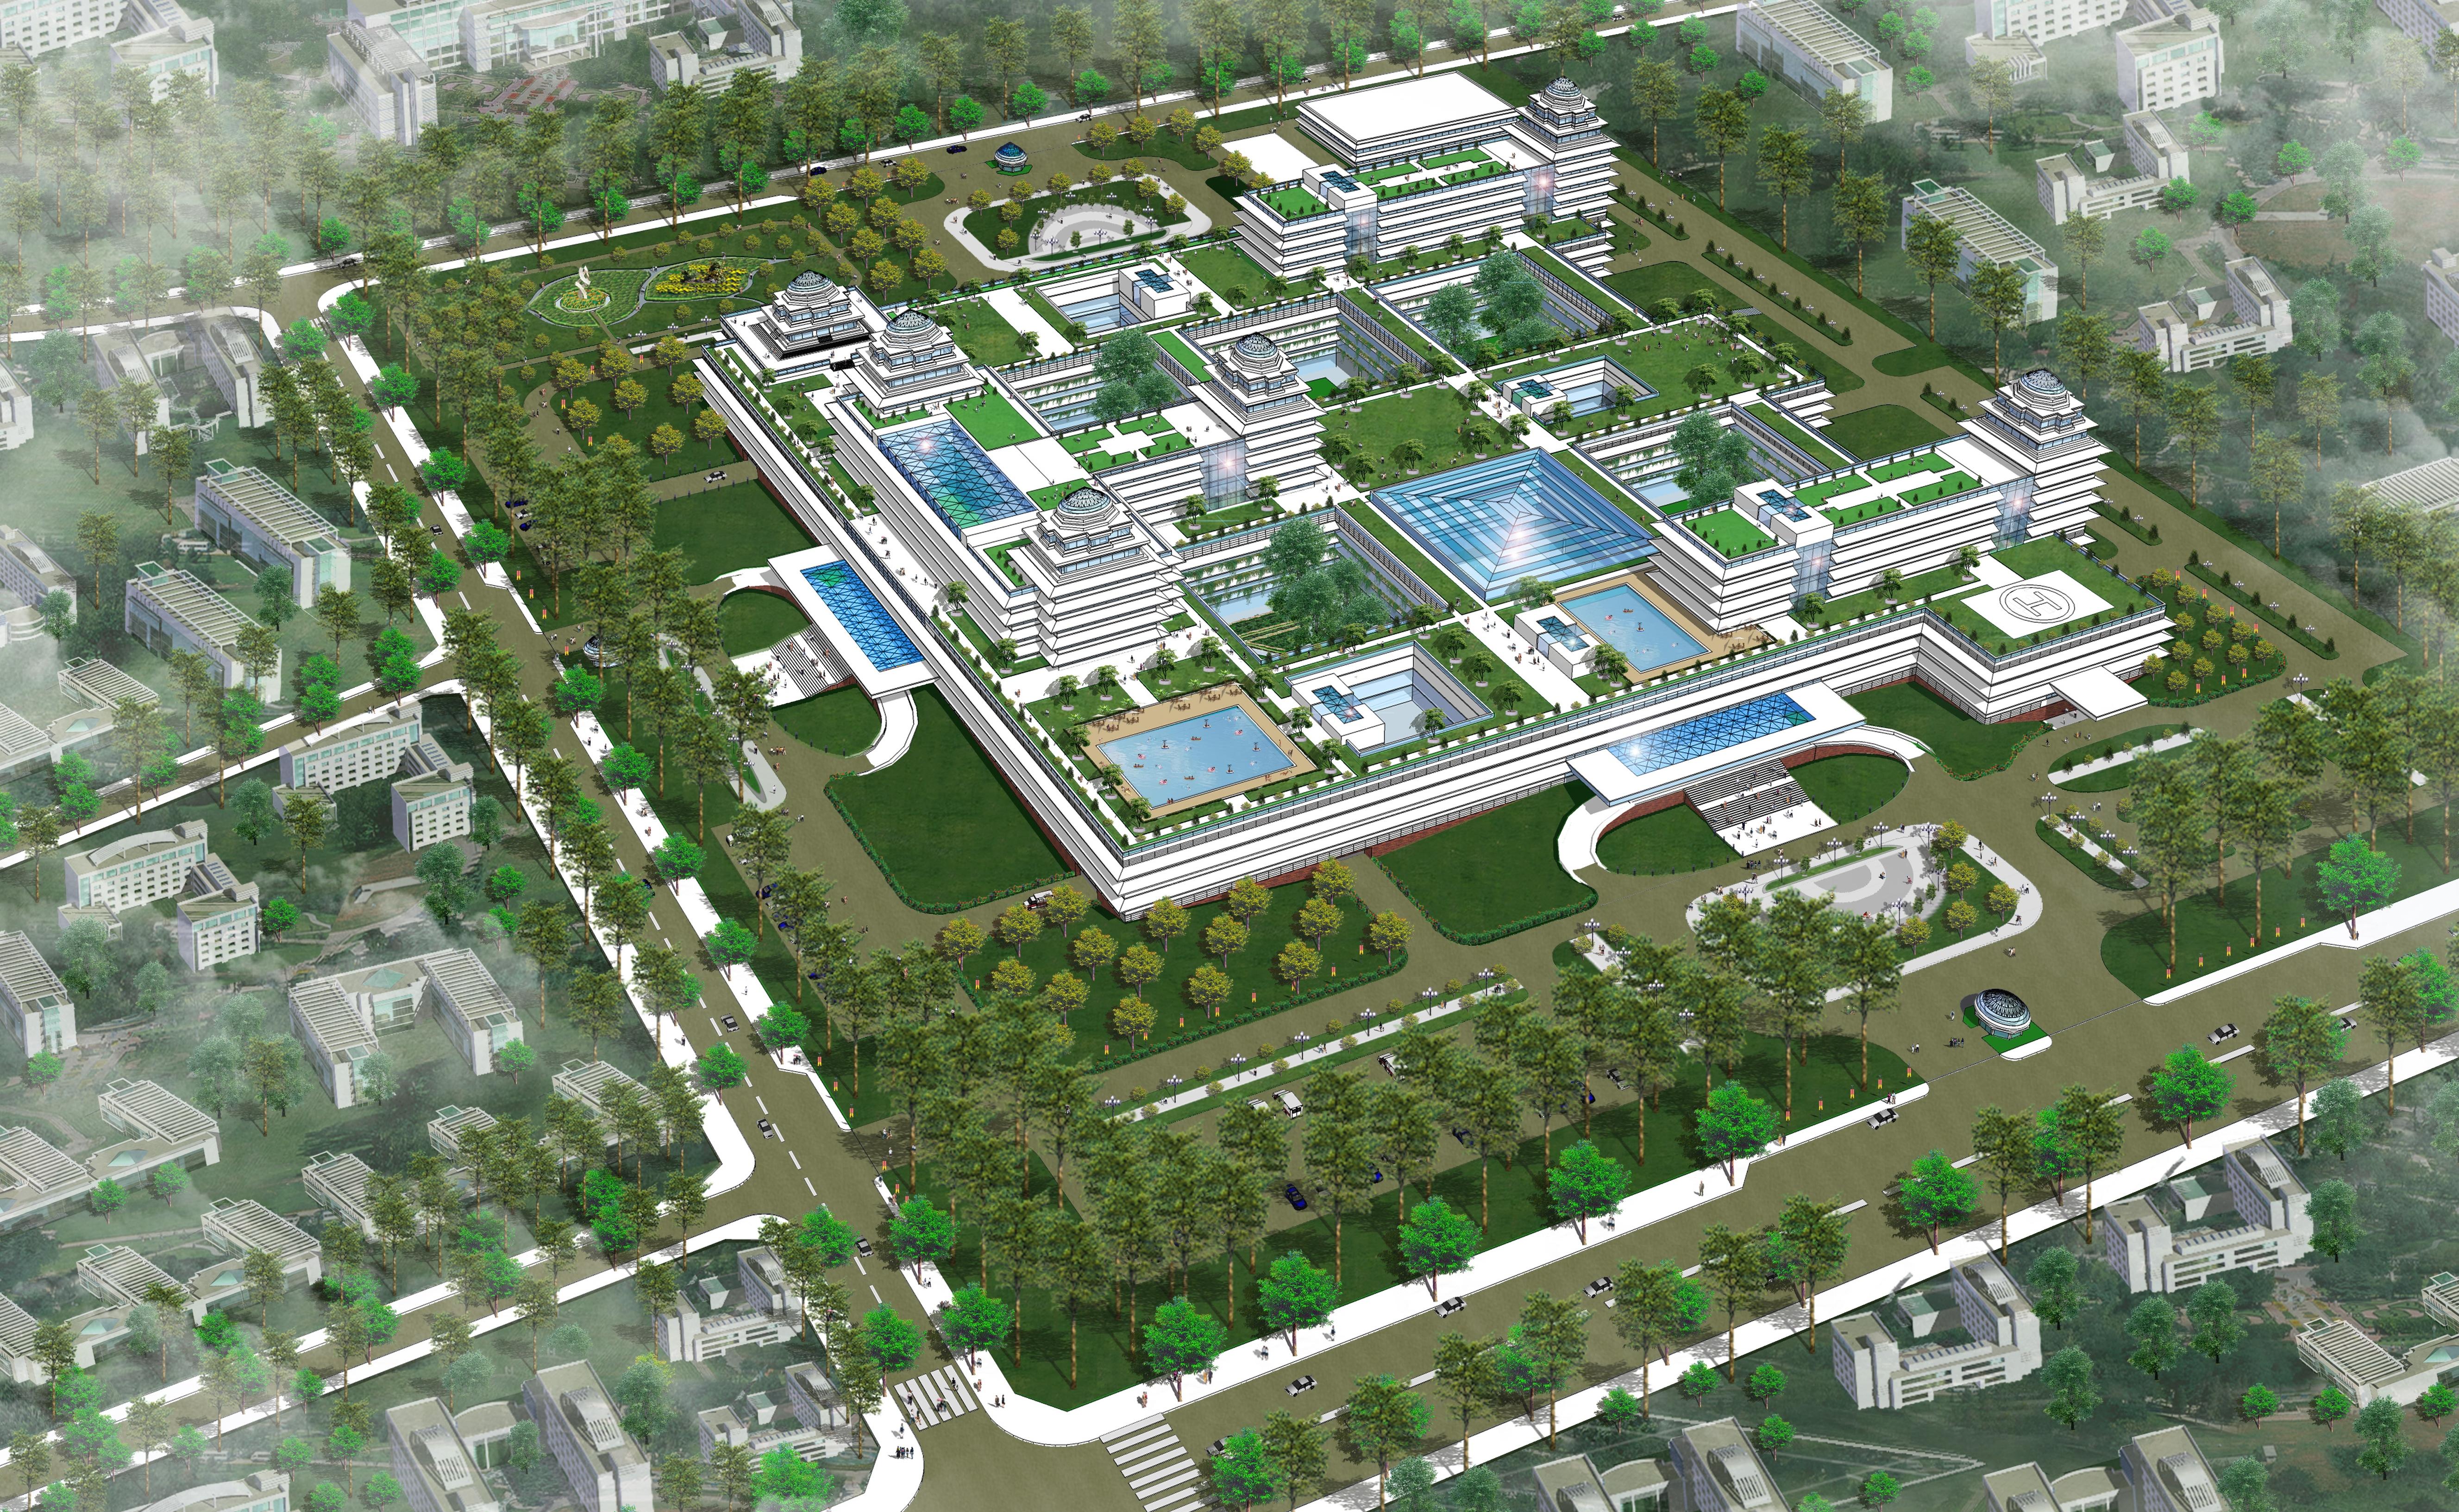 Phối cảnh Khu trung tâm đô thị sức khỏe tại Quận Ngũ Hành Sơn Đà Nẵng (Nguồn: Ngô Viết Nam Sơn)